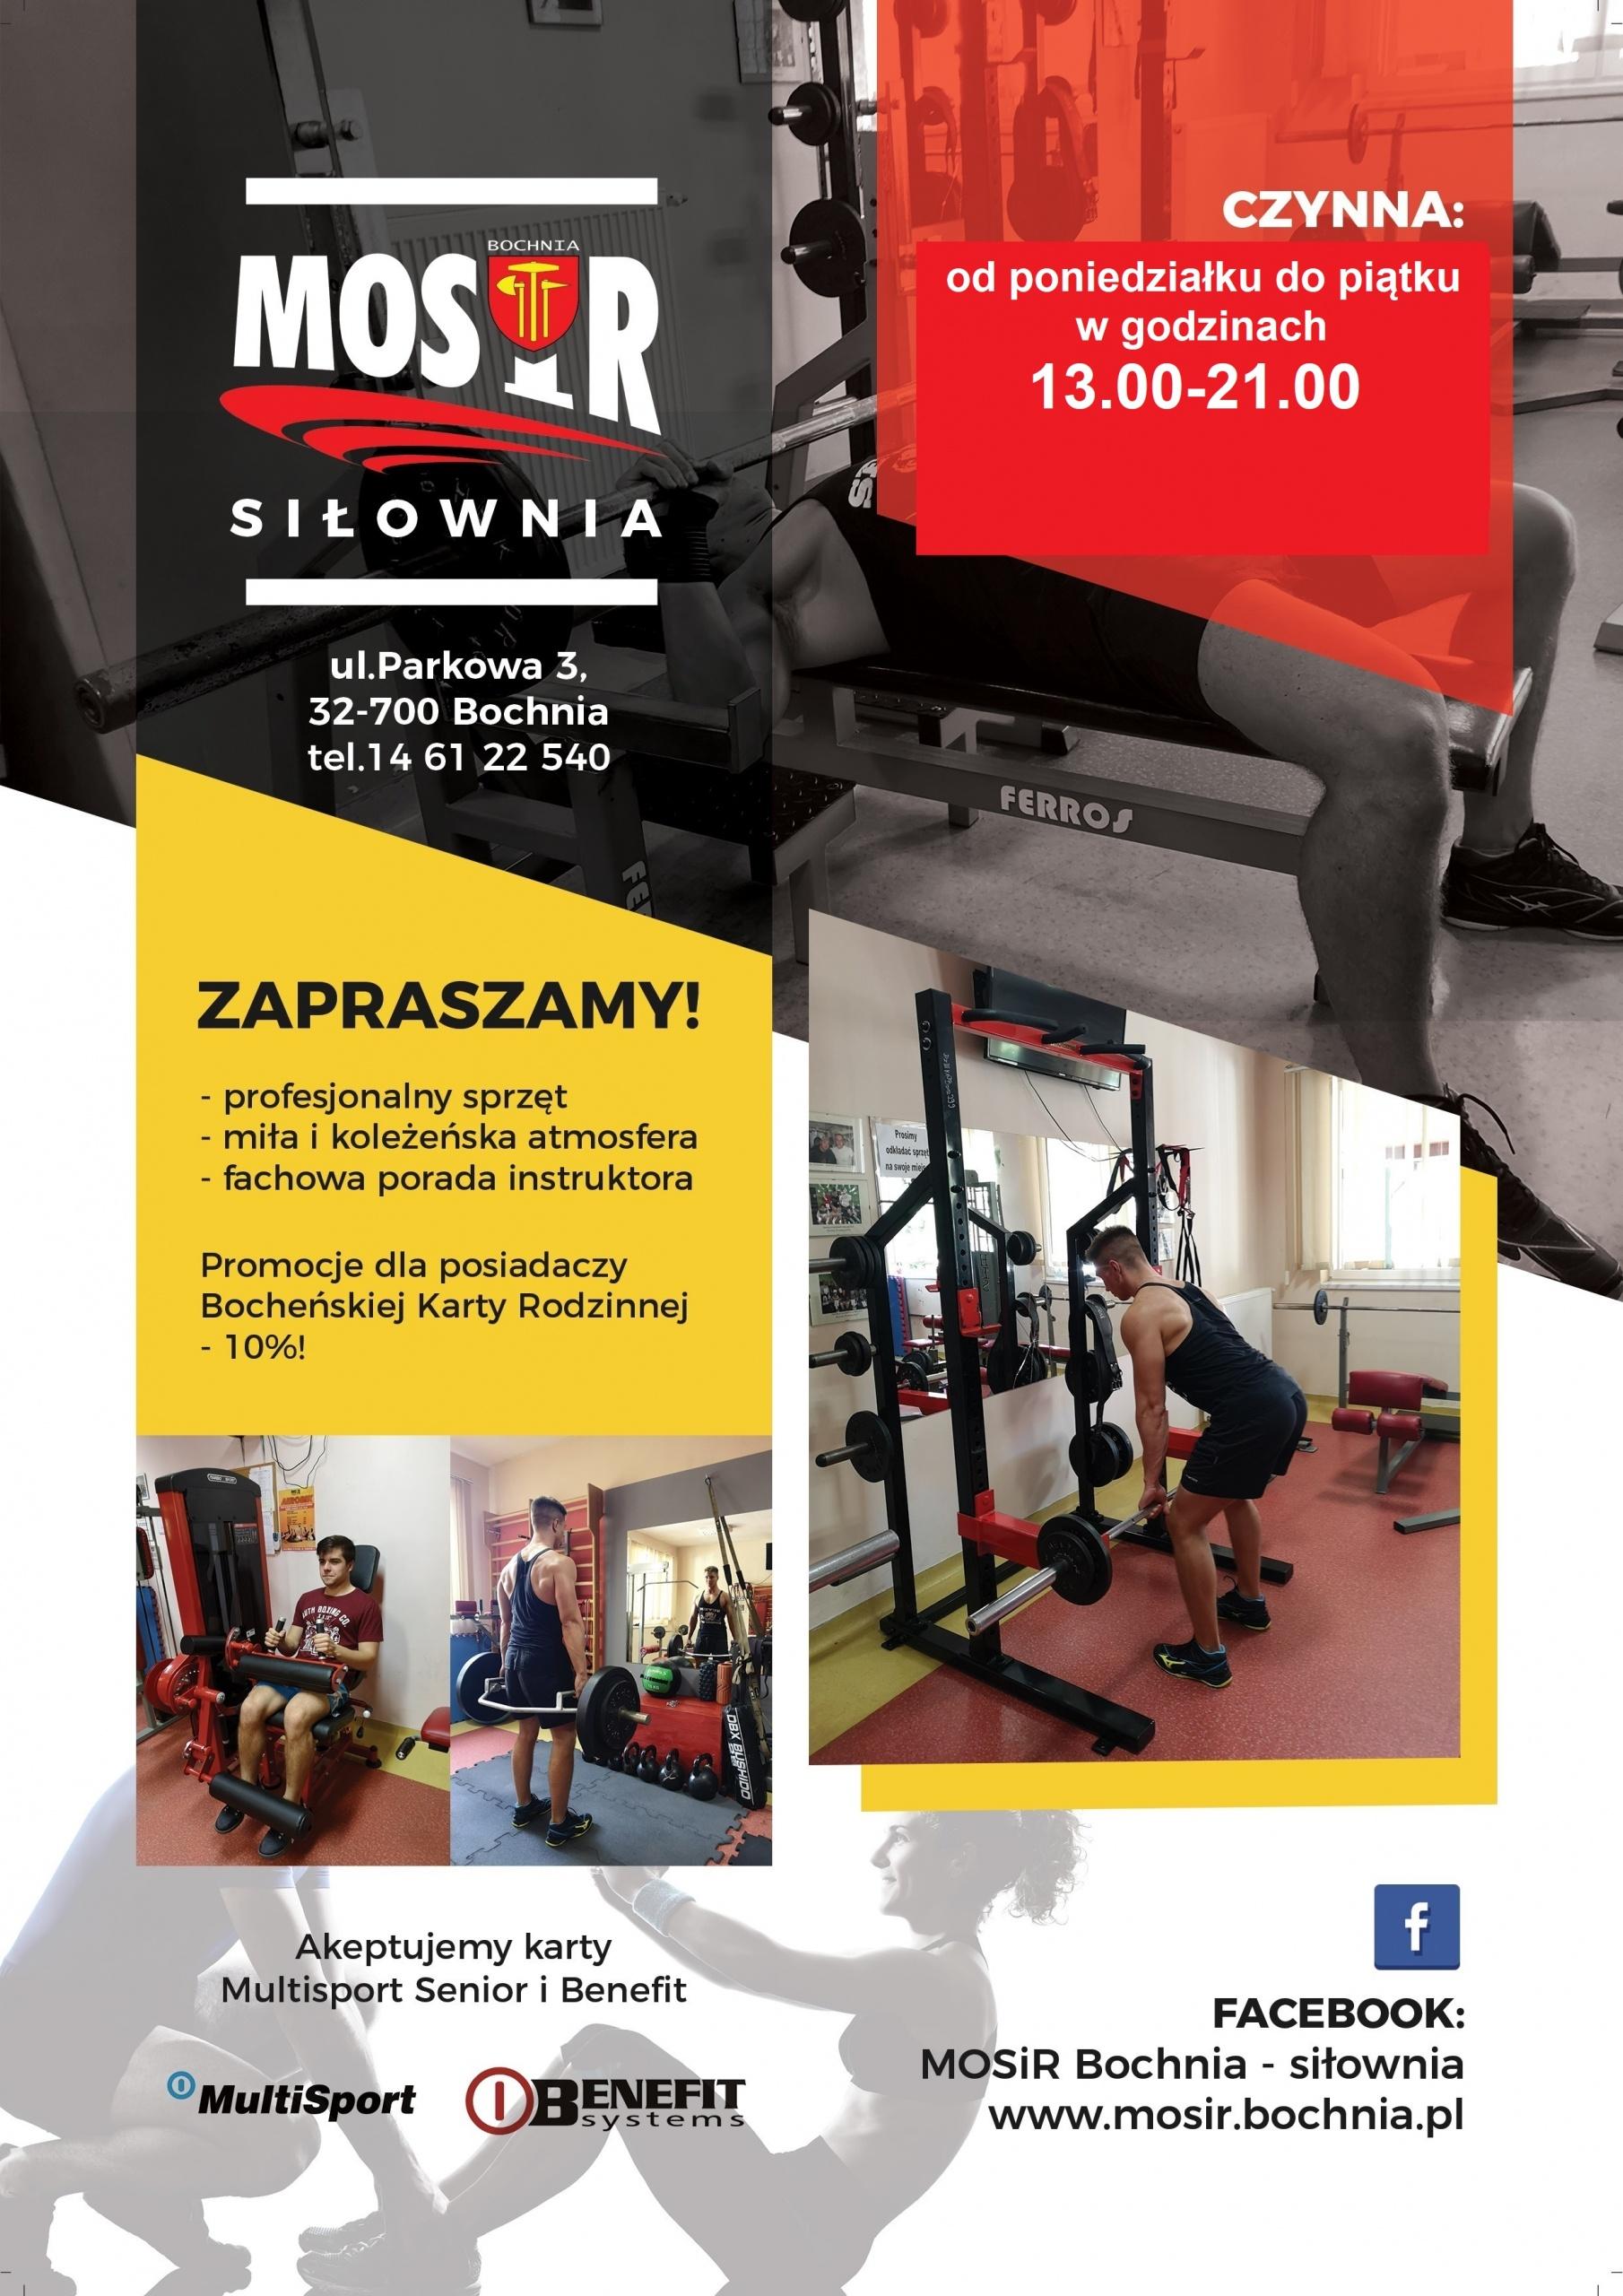 Zapraszamy na siłownię MOSiR Bochnia przy ul. Parkowej!